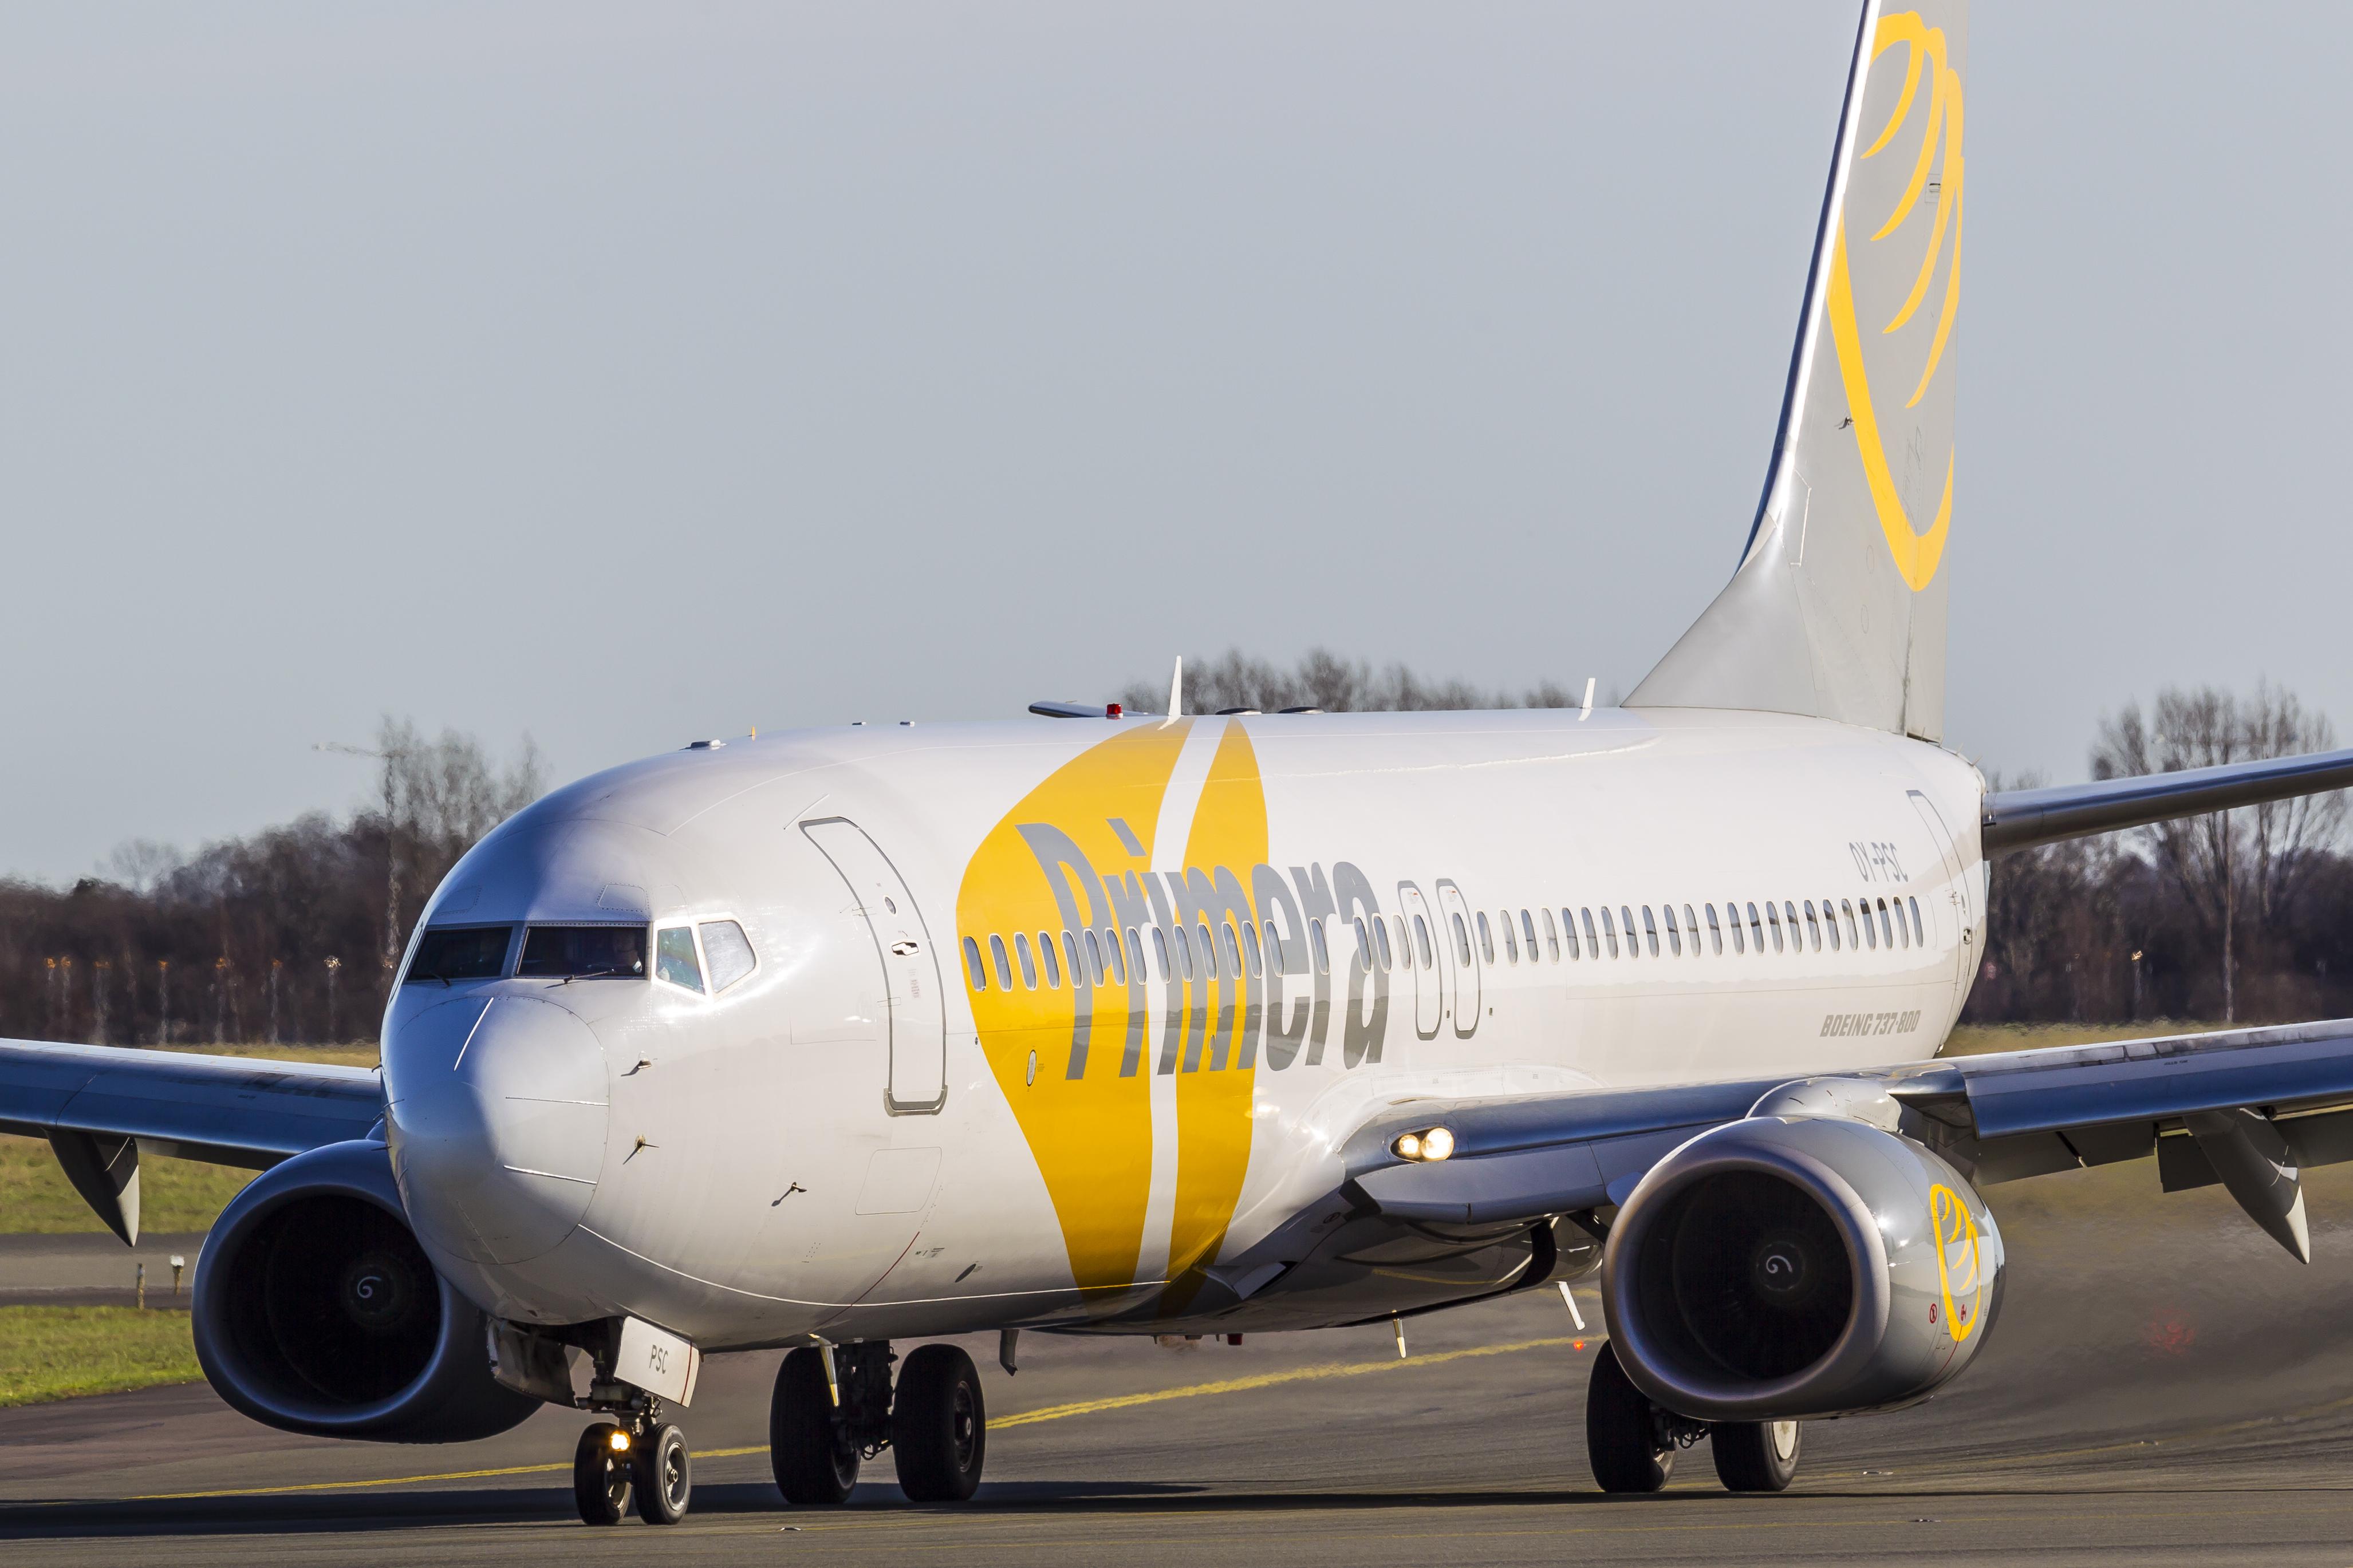 Konkursen hos islandske Primera Air har fået Primera Air Travel Group til at skifte navn til TravelCo Nordic – koncernen består blandt andet af Danmarks tredjestørste charterrejsebureau, Bravo Tours. (Arkivfoto: © Thorbjørn Brunander Sund, Danish Aviation Photo)